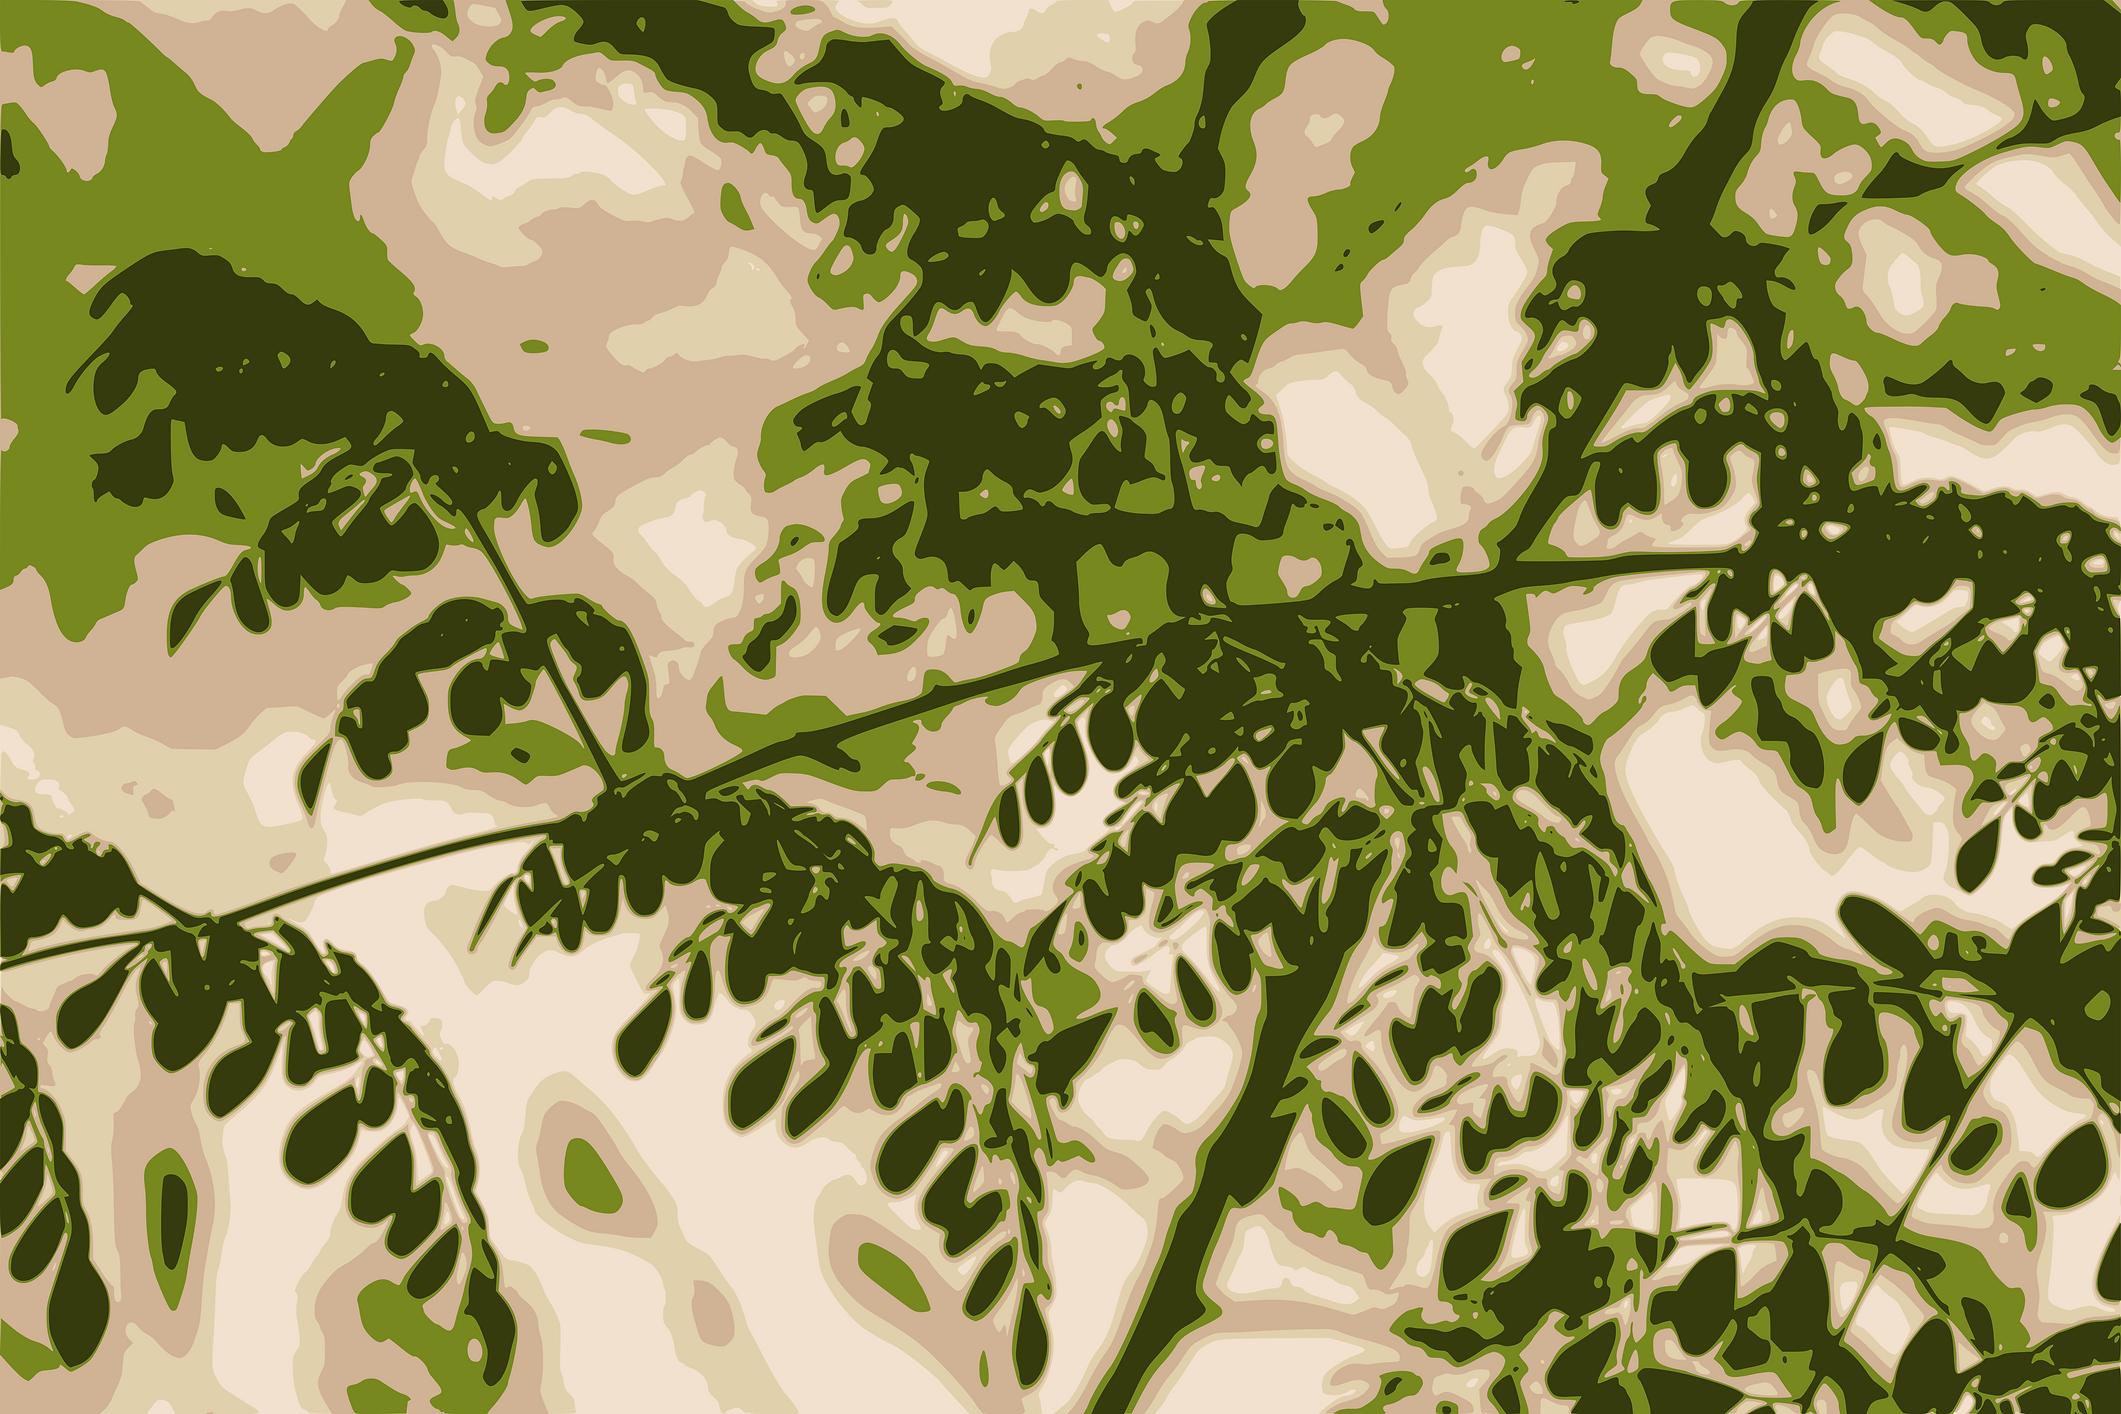 Tapiz hojas moringa con transparencia.pn